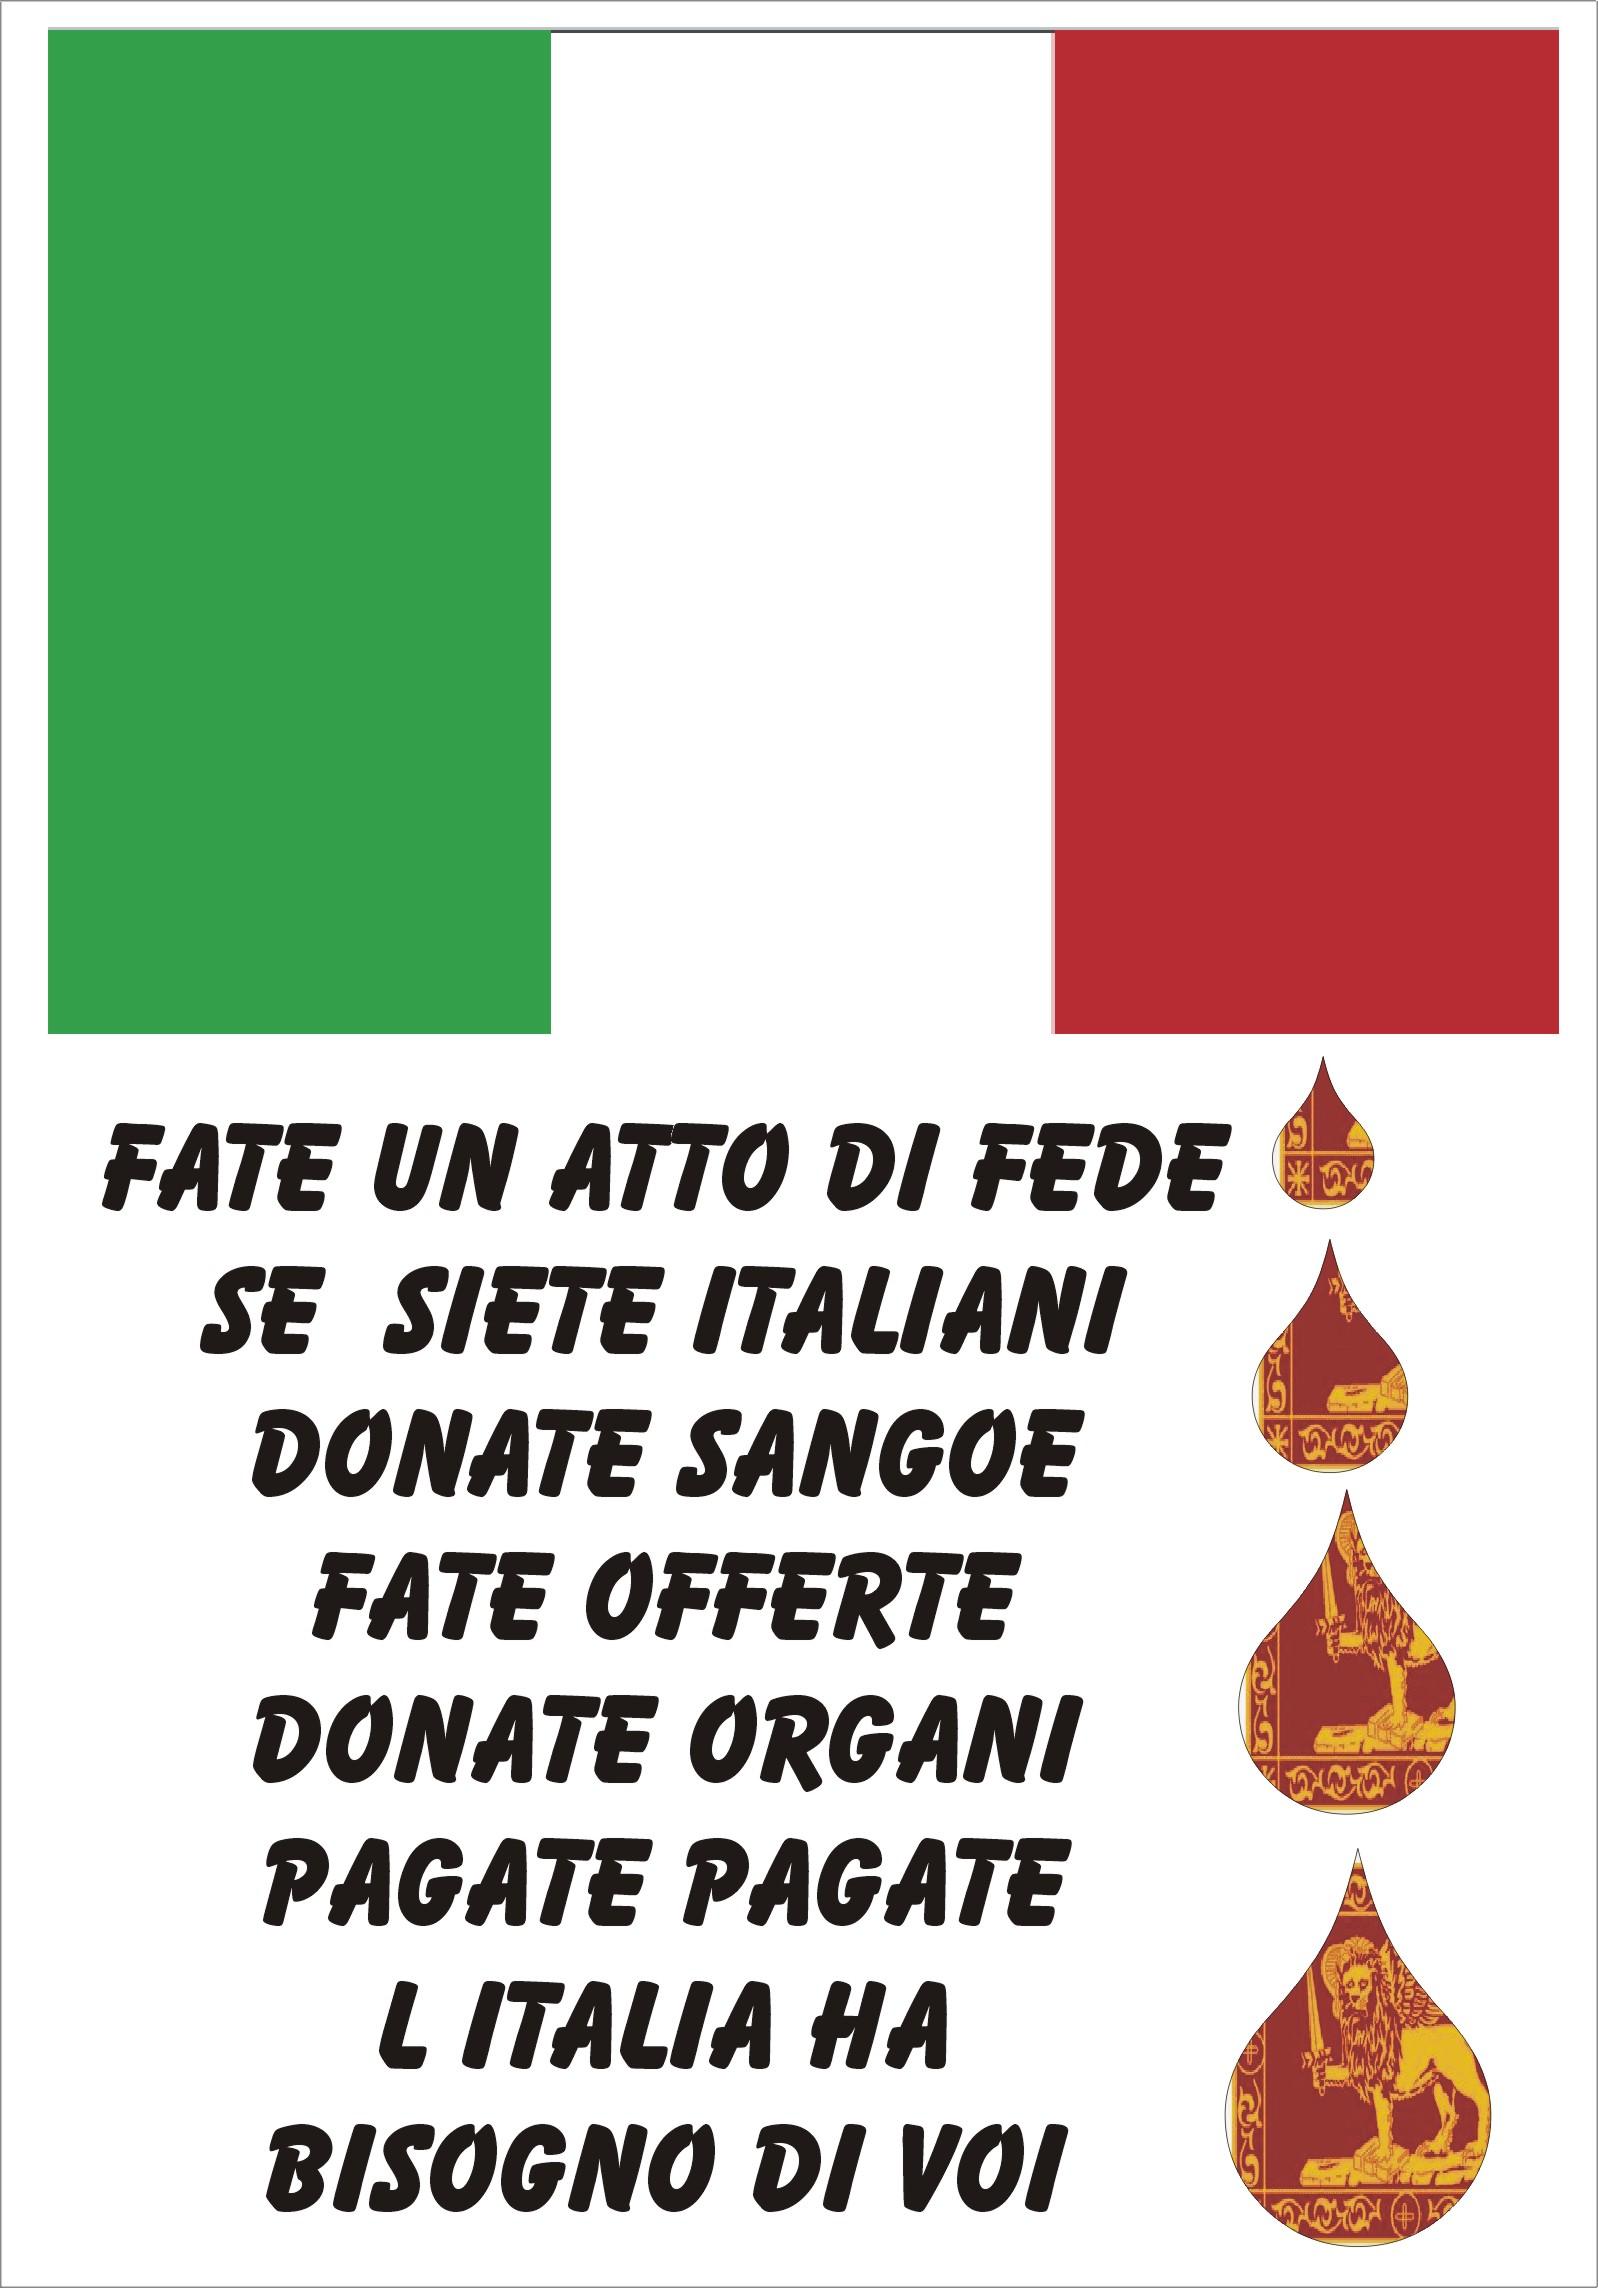 LA MEZZADRIA MEDIOEVALE? L'ITALIA È ANCORA PEGGIO!